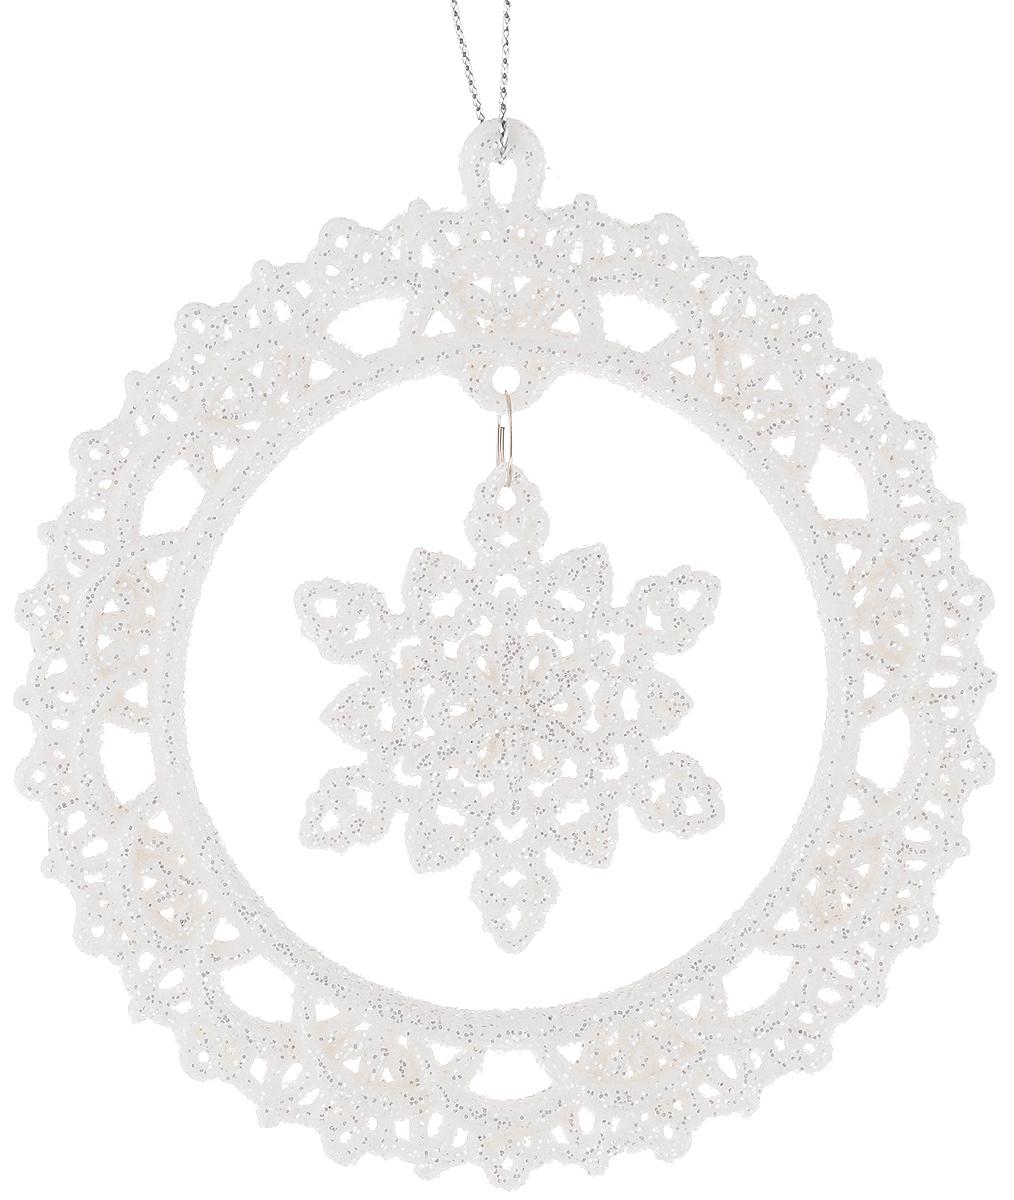 Украшение новогоднее подвесное Magic Time Снежинки в белых кружочках, 10,8 х 10,8 см38574Новогоднее подвесное украшение Magic Time Снежинки в белых кружочках выполнено из пластмассы в виде ажурного круга со снежинкой-подвеской внутри и украшено блестками. С помощью специальной петельки украшение можно повесить в любом понравившемся вам месте. Но, конечно, удачнее всего оно будет смотреться на праздничной елке. Елочная игрушка - символ Нового года. Она несет в себе волшебство и красоту праздника. Создайте в своем доме атмосферу веселья и радости, украшая новогоднюю елку нарядными игрушками, которые будут из года в год накапливать теплоту воспоминаний. Материал: пластмасса. Размер: 10,8 х 10,8 см.